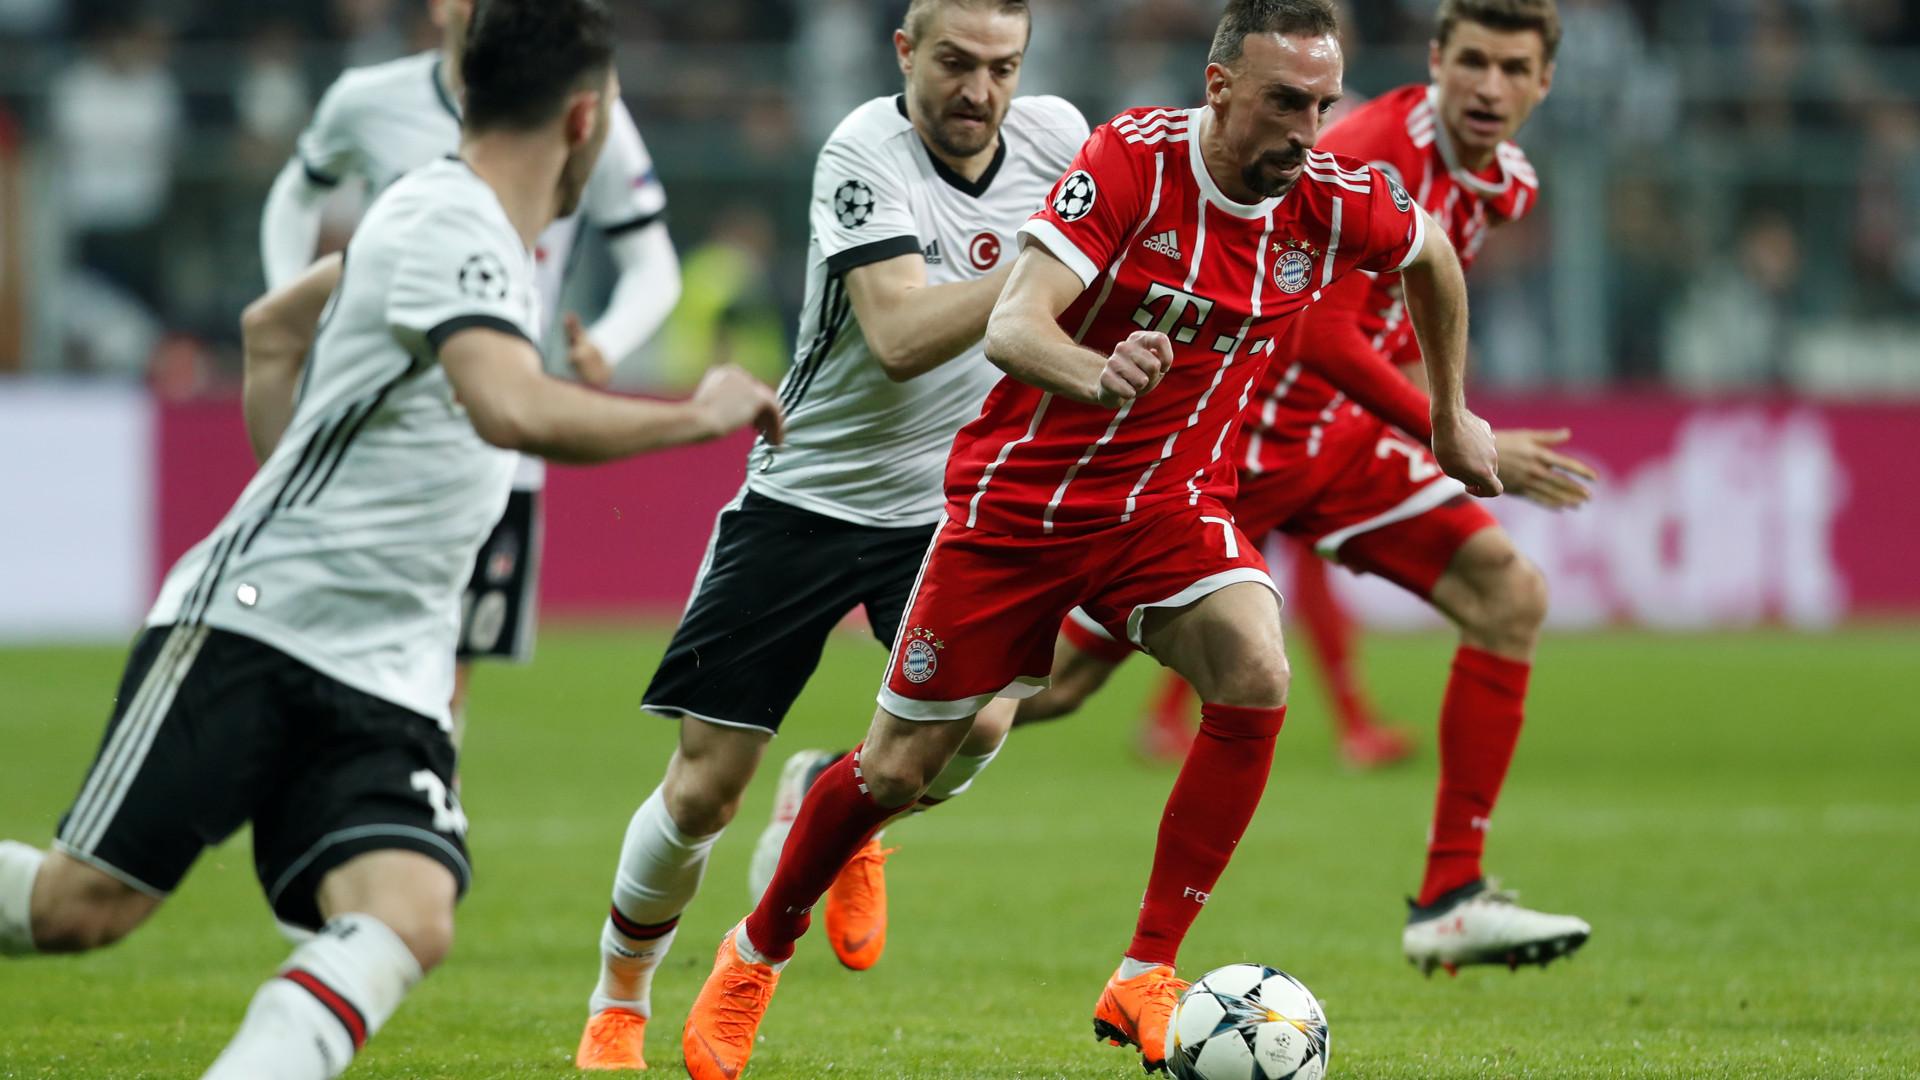 Bayern avassalador deixa Besiktas pelo caminho e segue para os 'quartos'